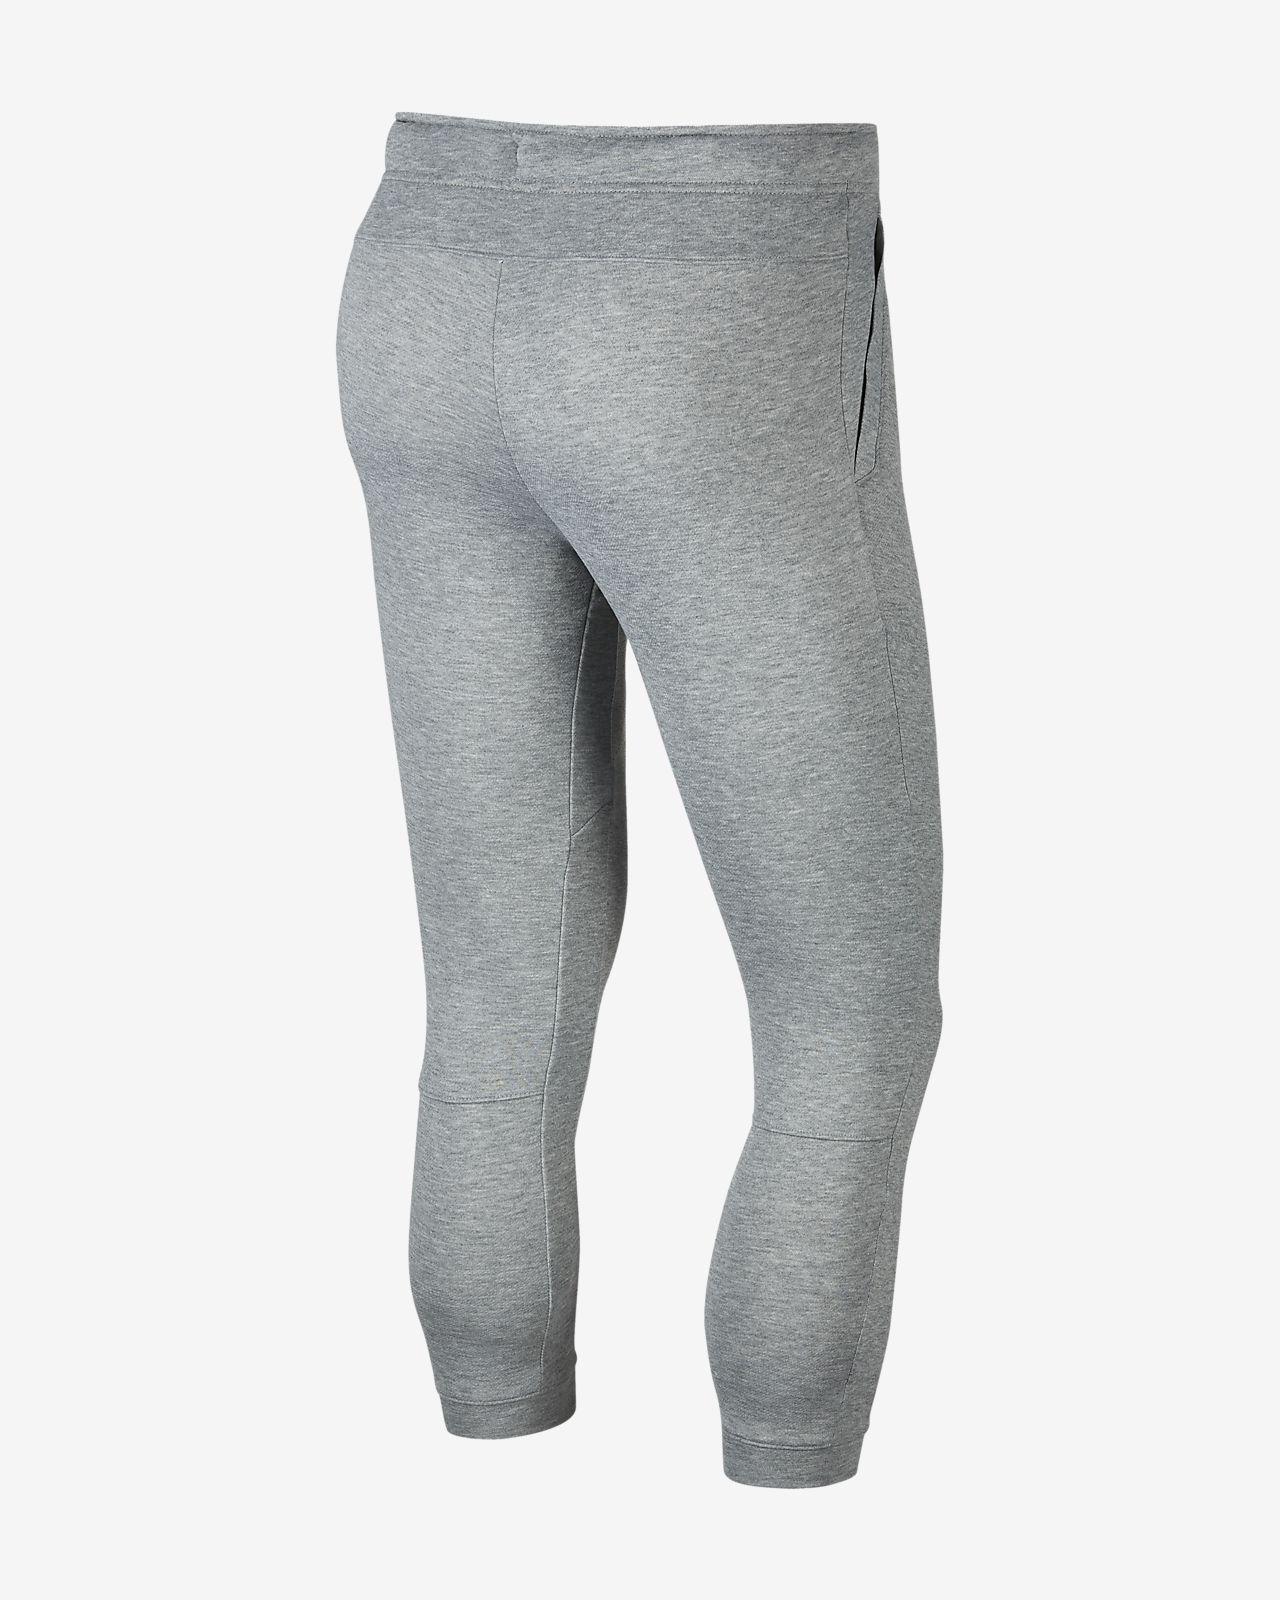 Nike Dri FIT schmal zulaufende Fleece Trainingshose für Herren